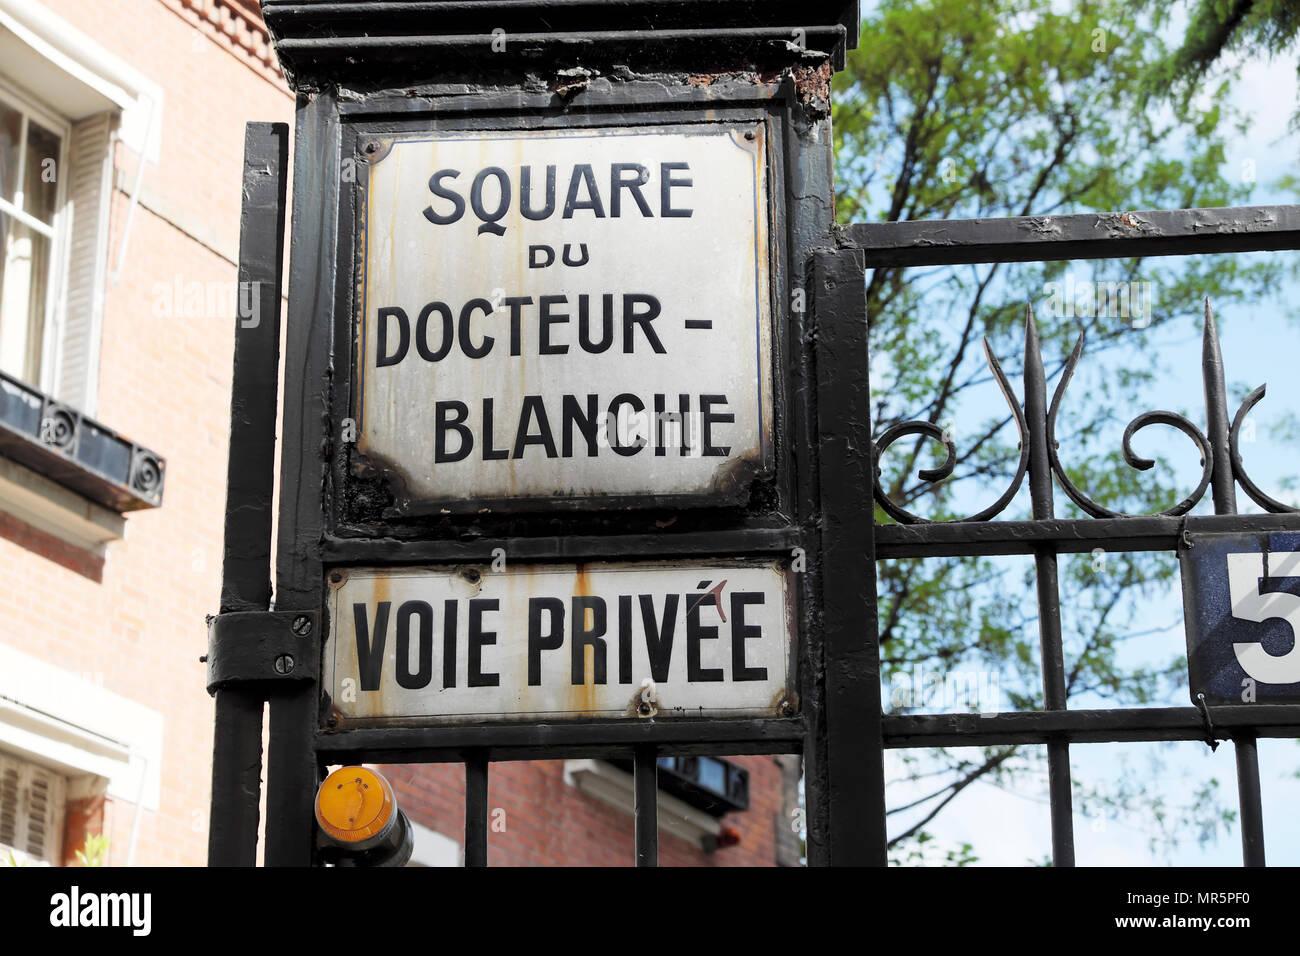 Maison La Roche Corbusier Paris square du docteur - blanche street sign on gate outside le